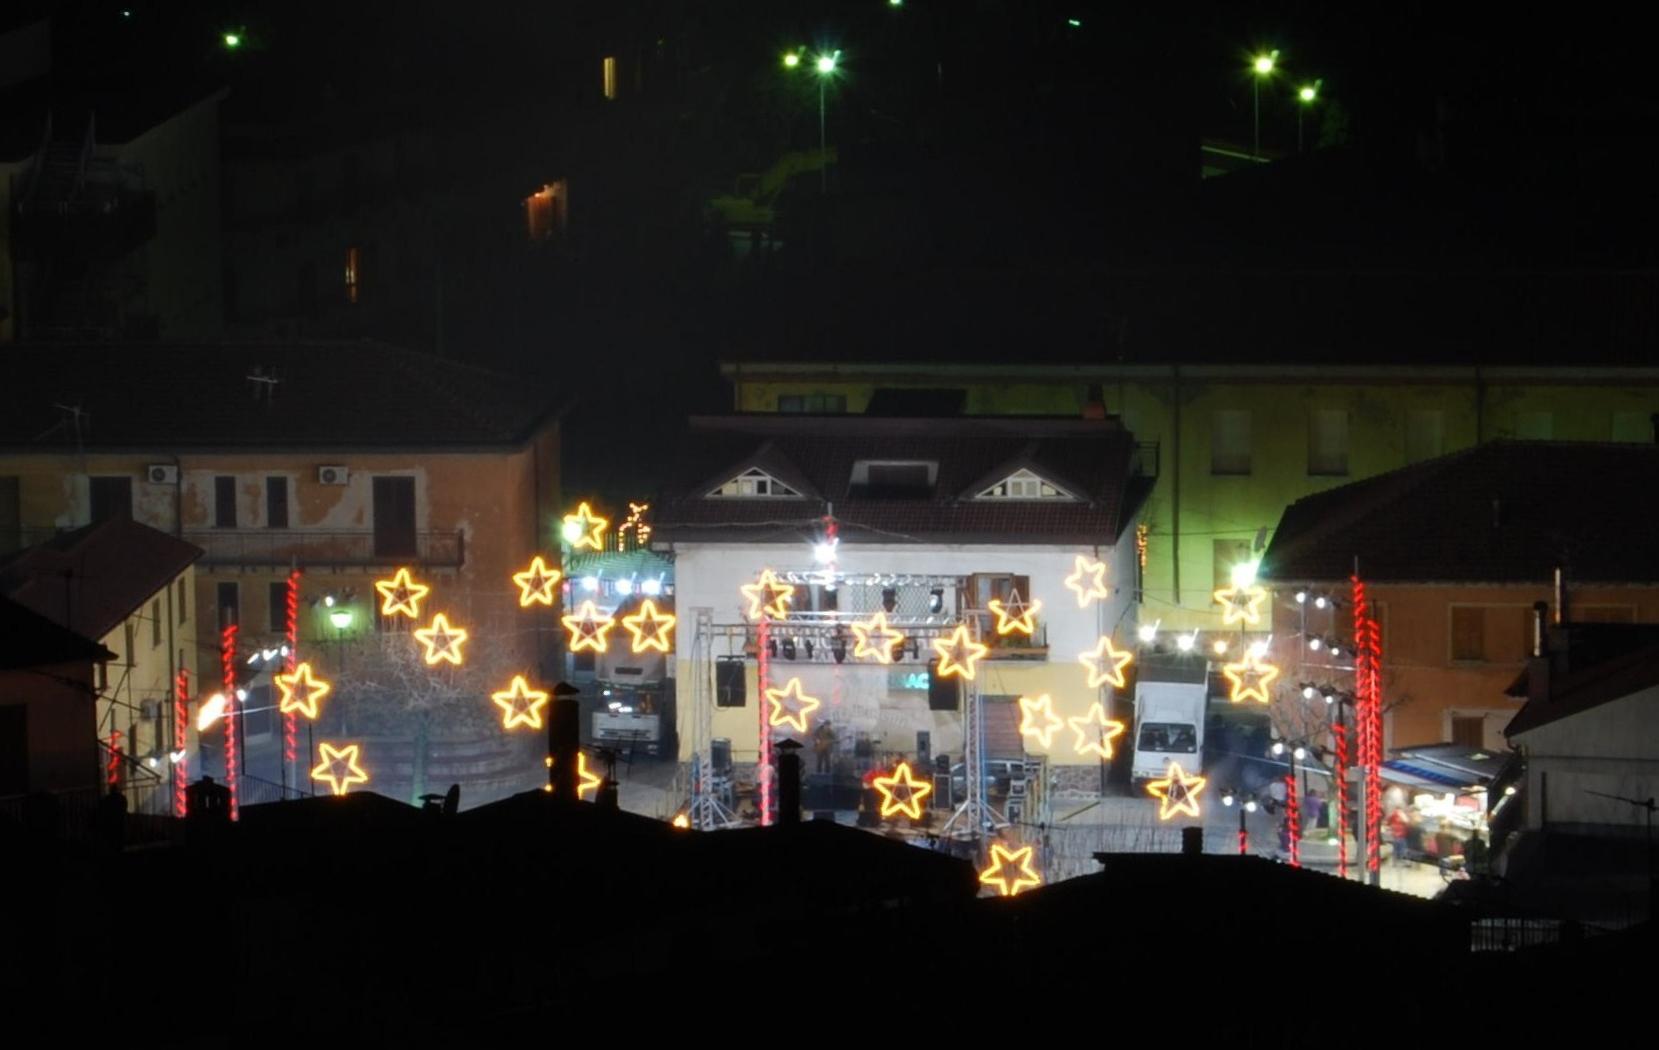 Bivongi; Piazza del Popolo addobbata per Natale